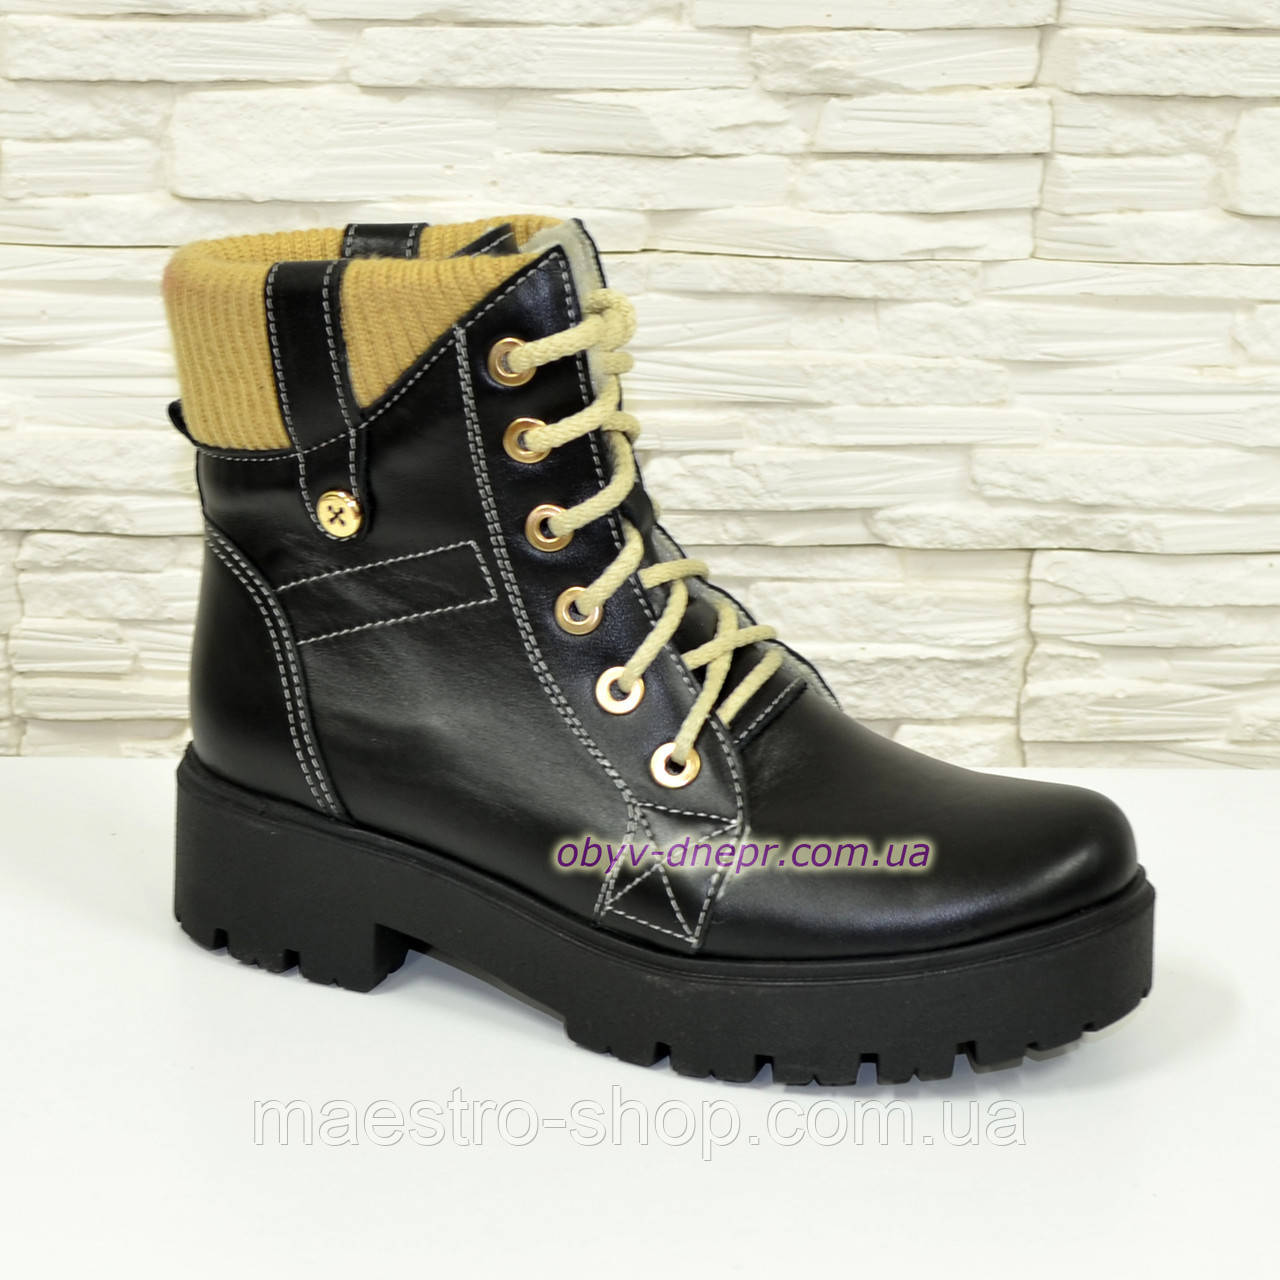 Женские демисезонные ботинки на шнуровке, из натуральной черной кожи